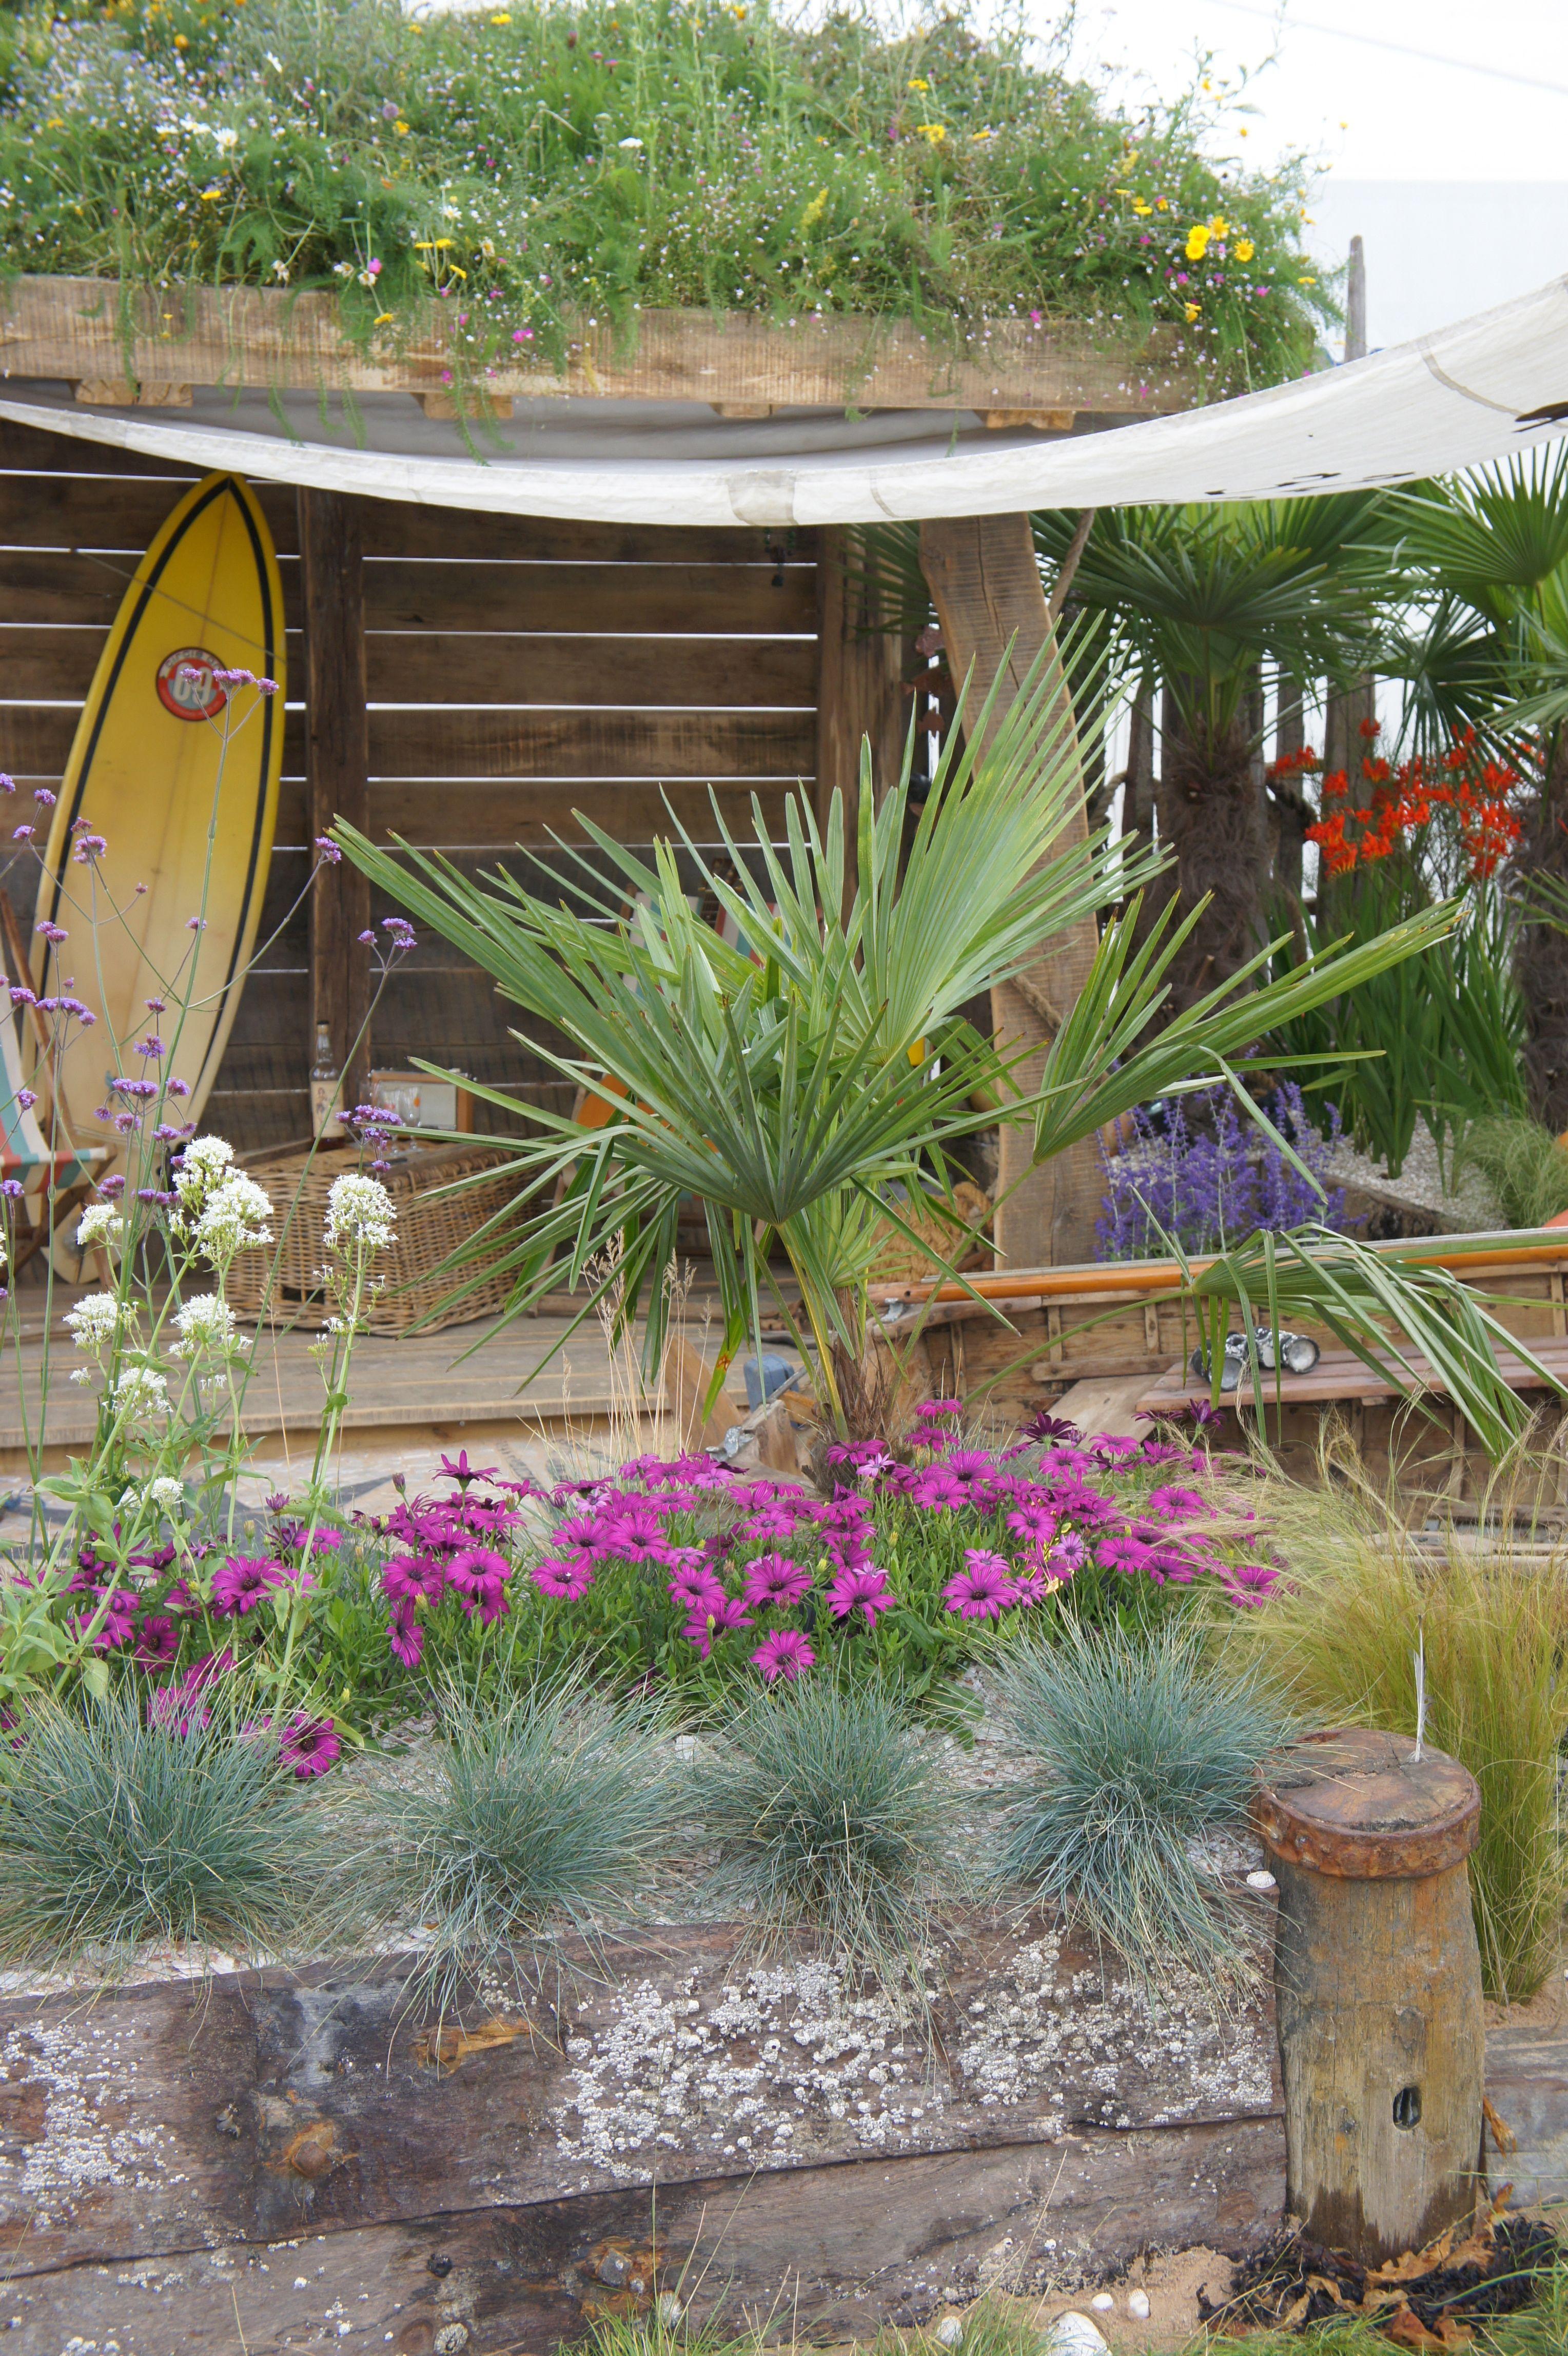 Seaside Garden For Severndale Specialist School